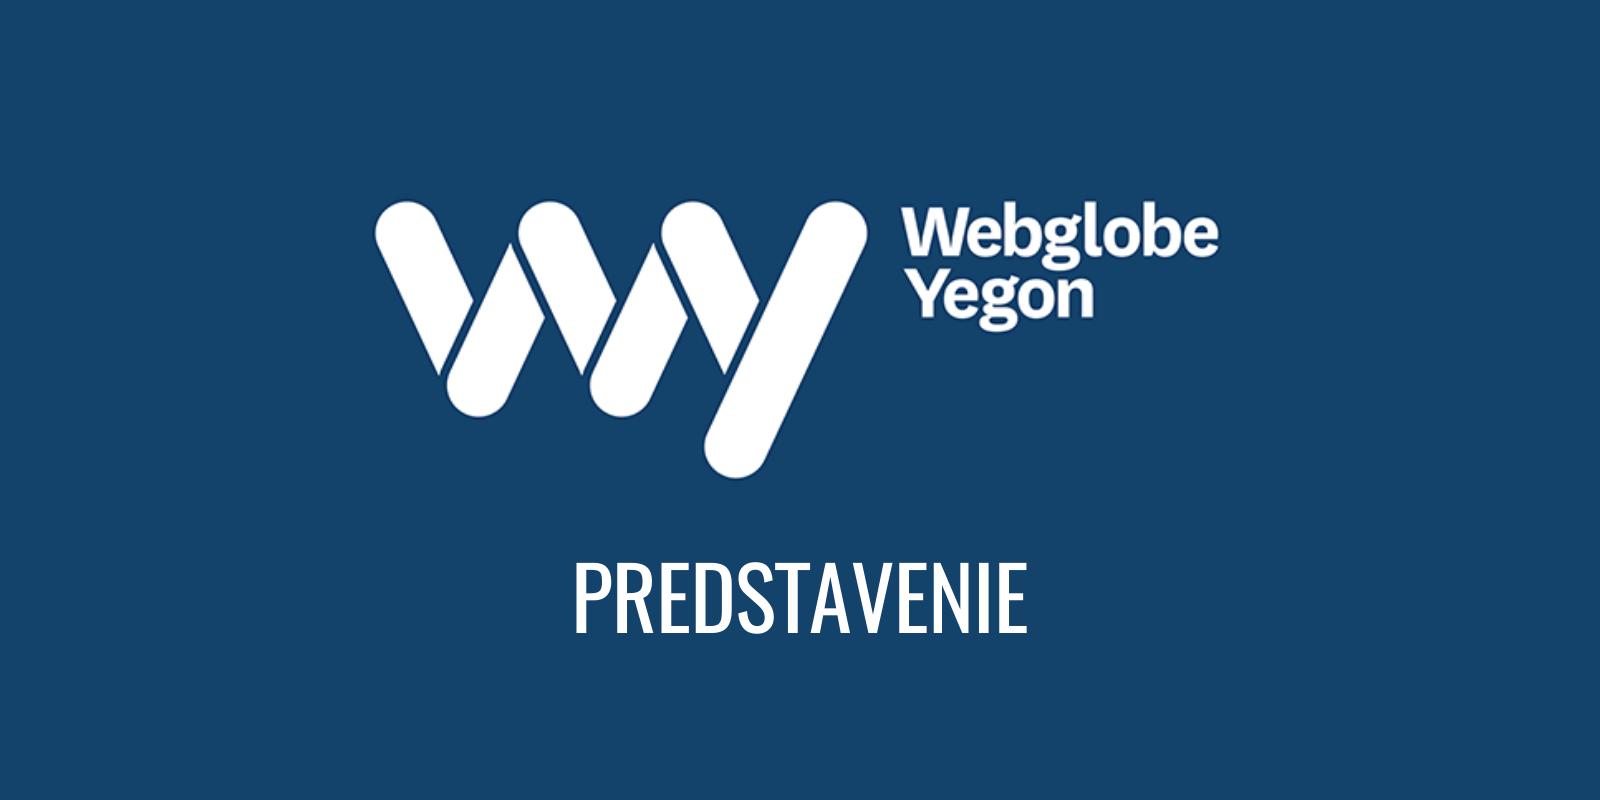 Predstavenie hostingu WY.sk